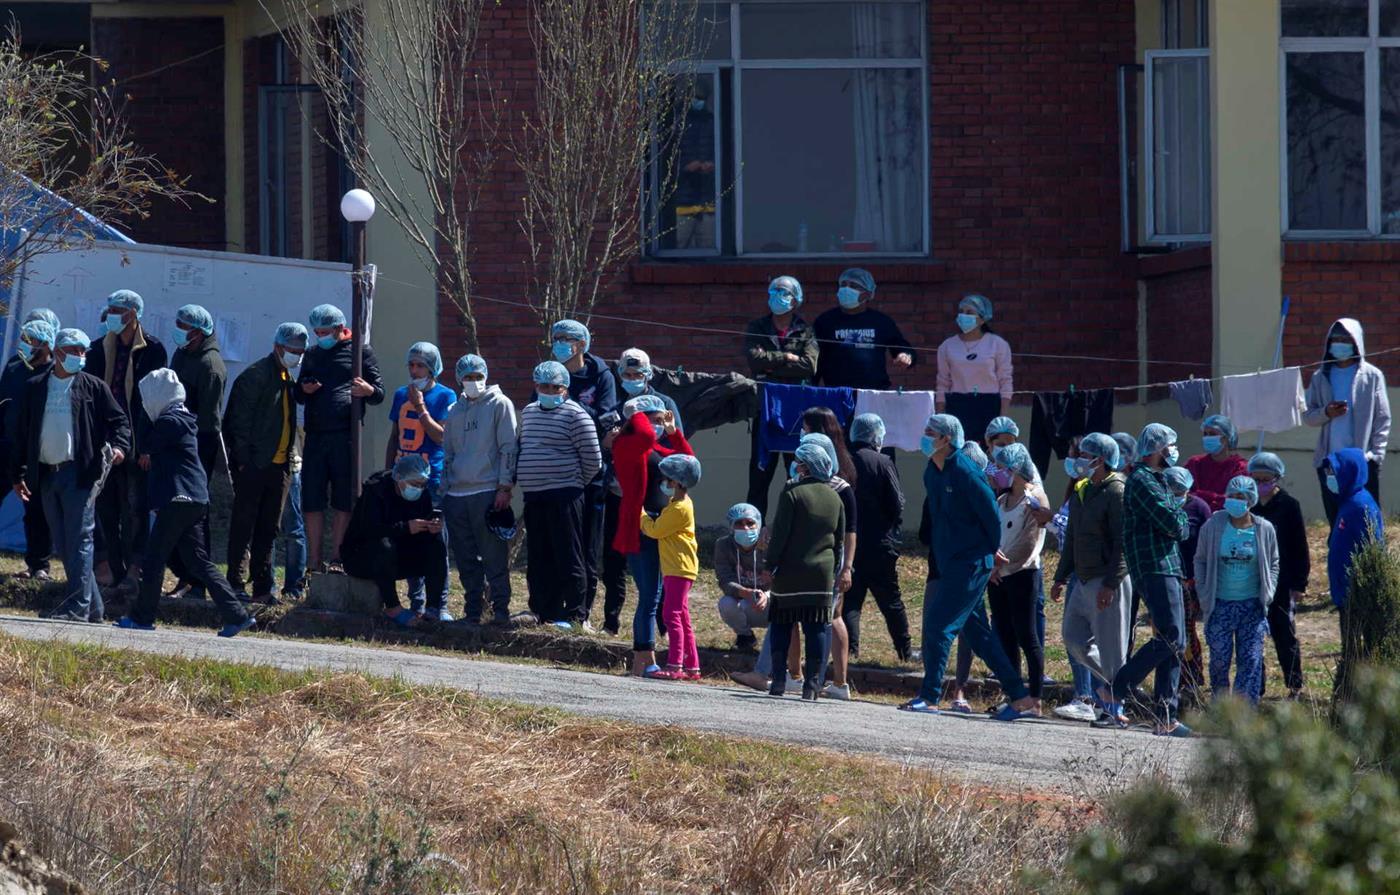 Estudantes nepaleses que estiveram na China ficaram de quarentena. Só saindo a meio de fevereiro.